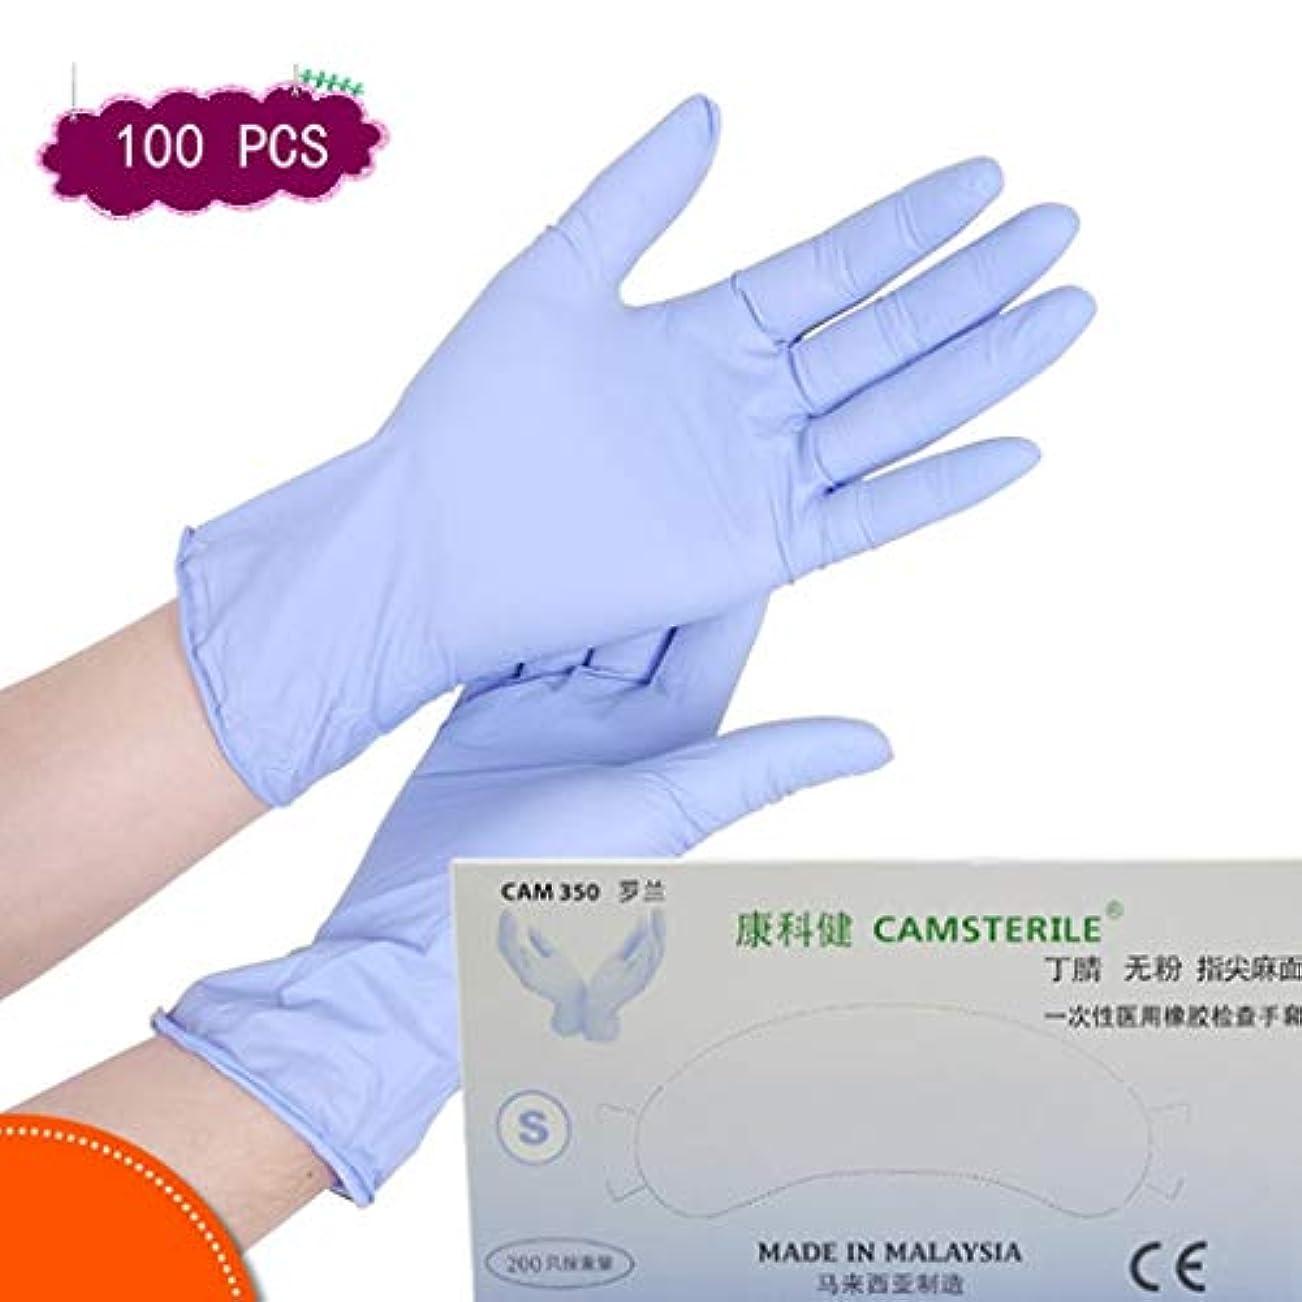 バラエティ規模説明する使い捨てラテックス手袋ニトリル工業実験の美しさのネイルサロンのヘア検査9インチアンチ油 (Color : 9 inch, Size : L)